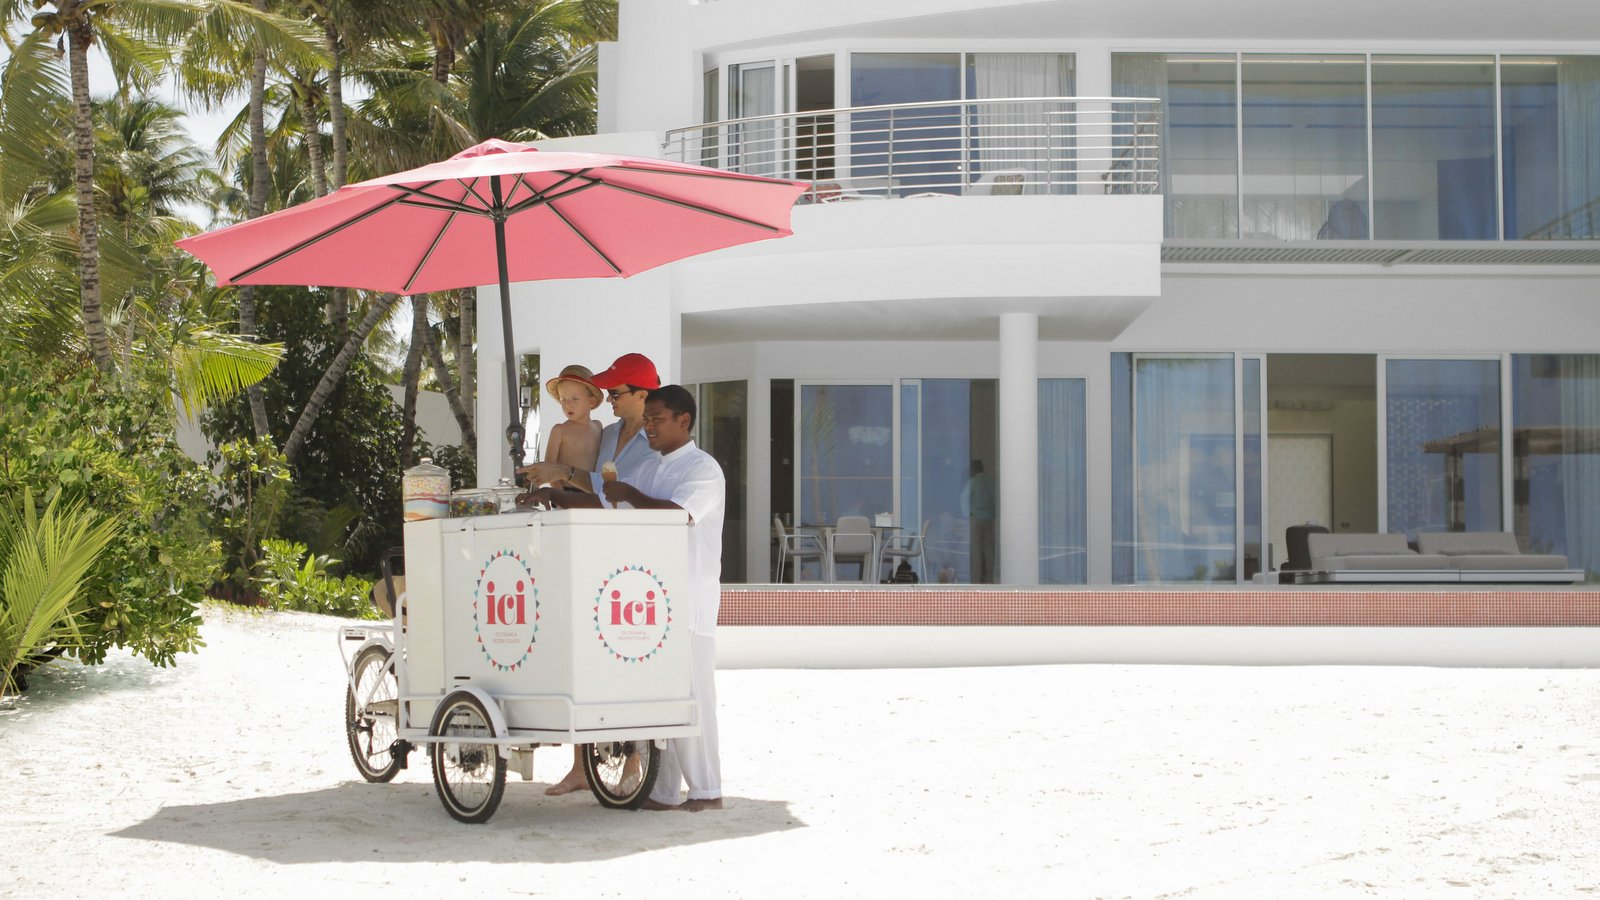 Мальдивы, отель LUX North Male Atoll, мороженное